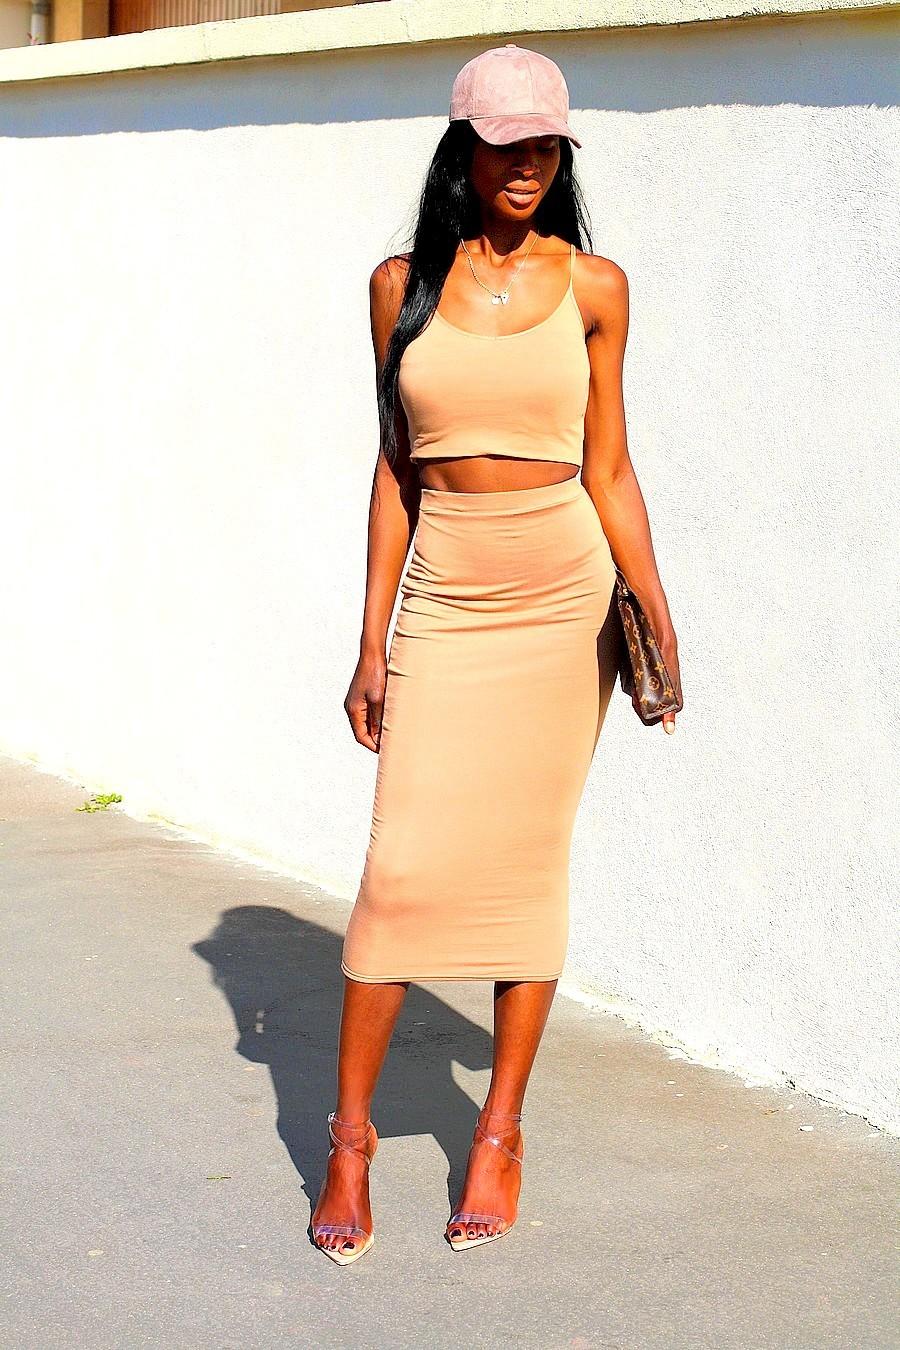 pochette-louis-vuitton-jupe-moulante-brassière-kim-kardashian-inspiration